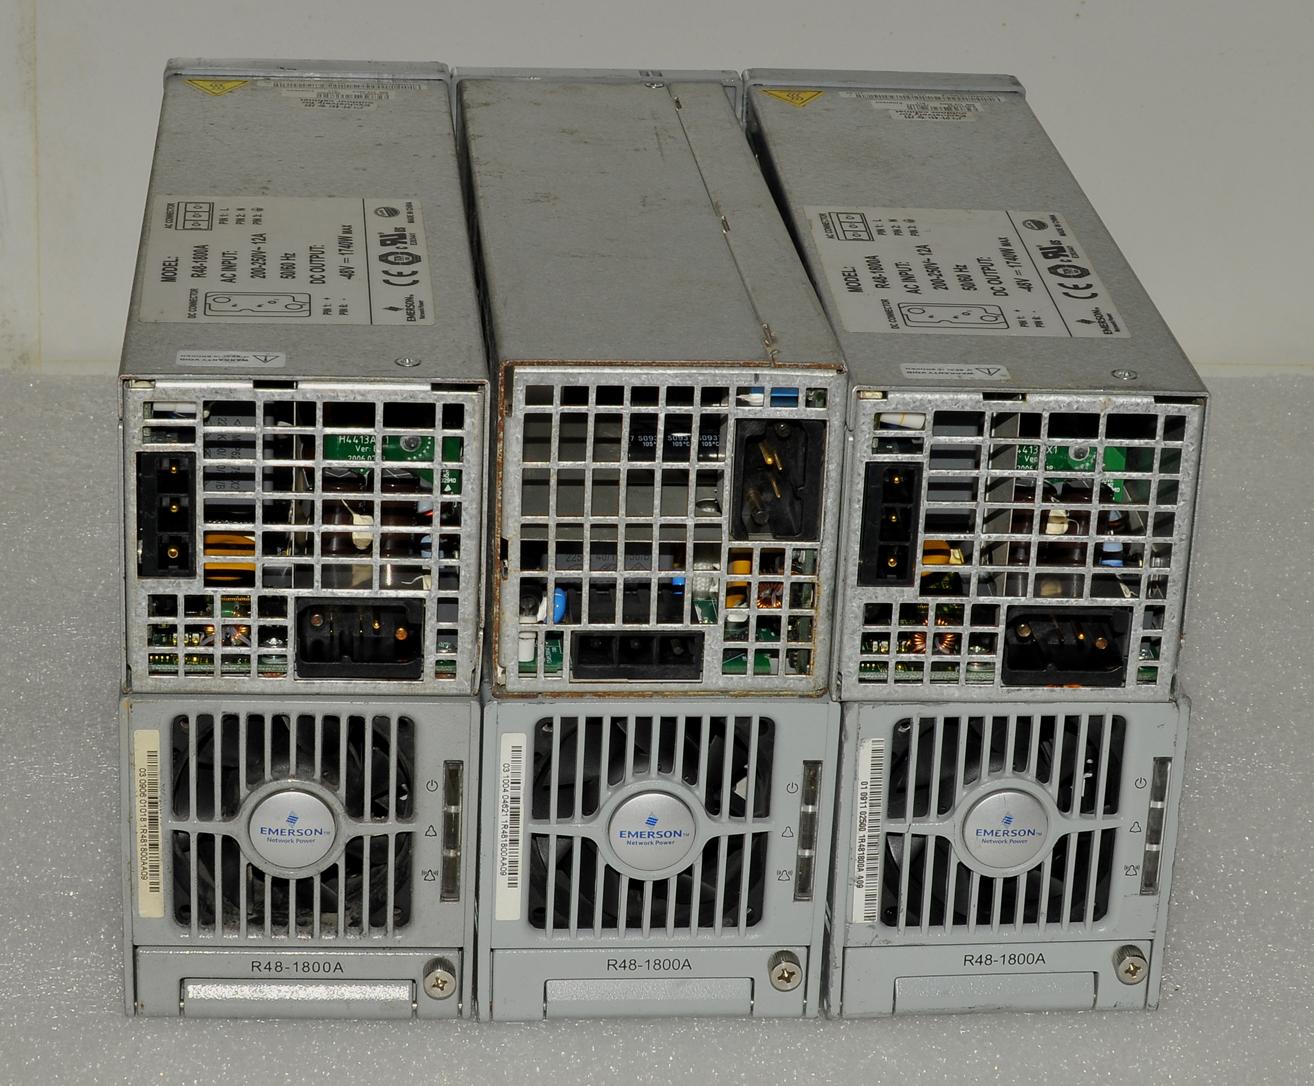 Módulo de fuente de energía R48-1800A Emerson